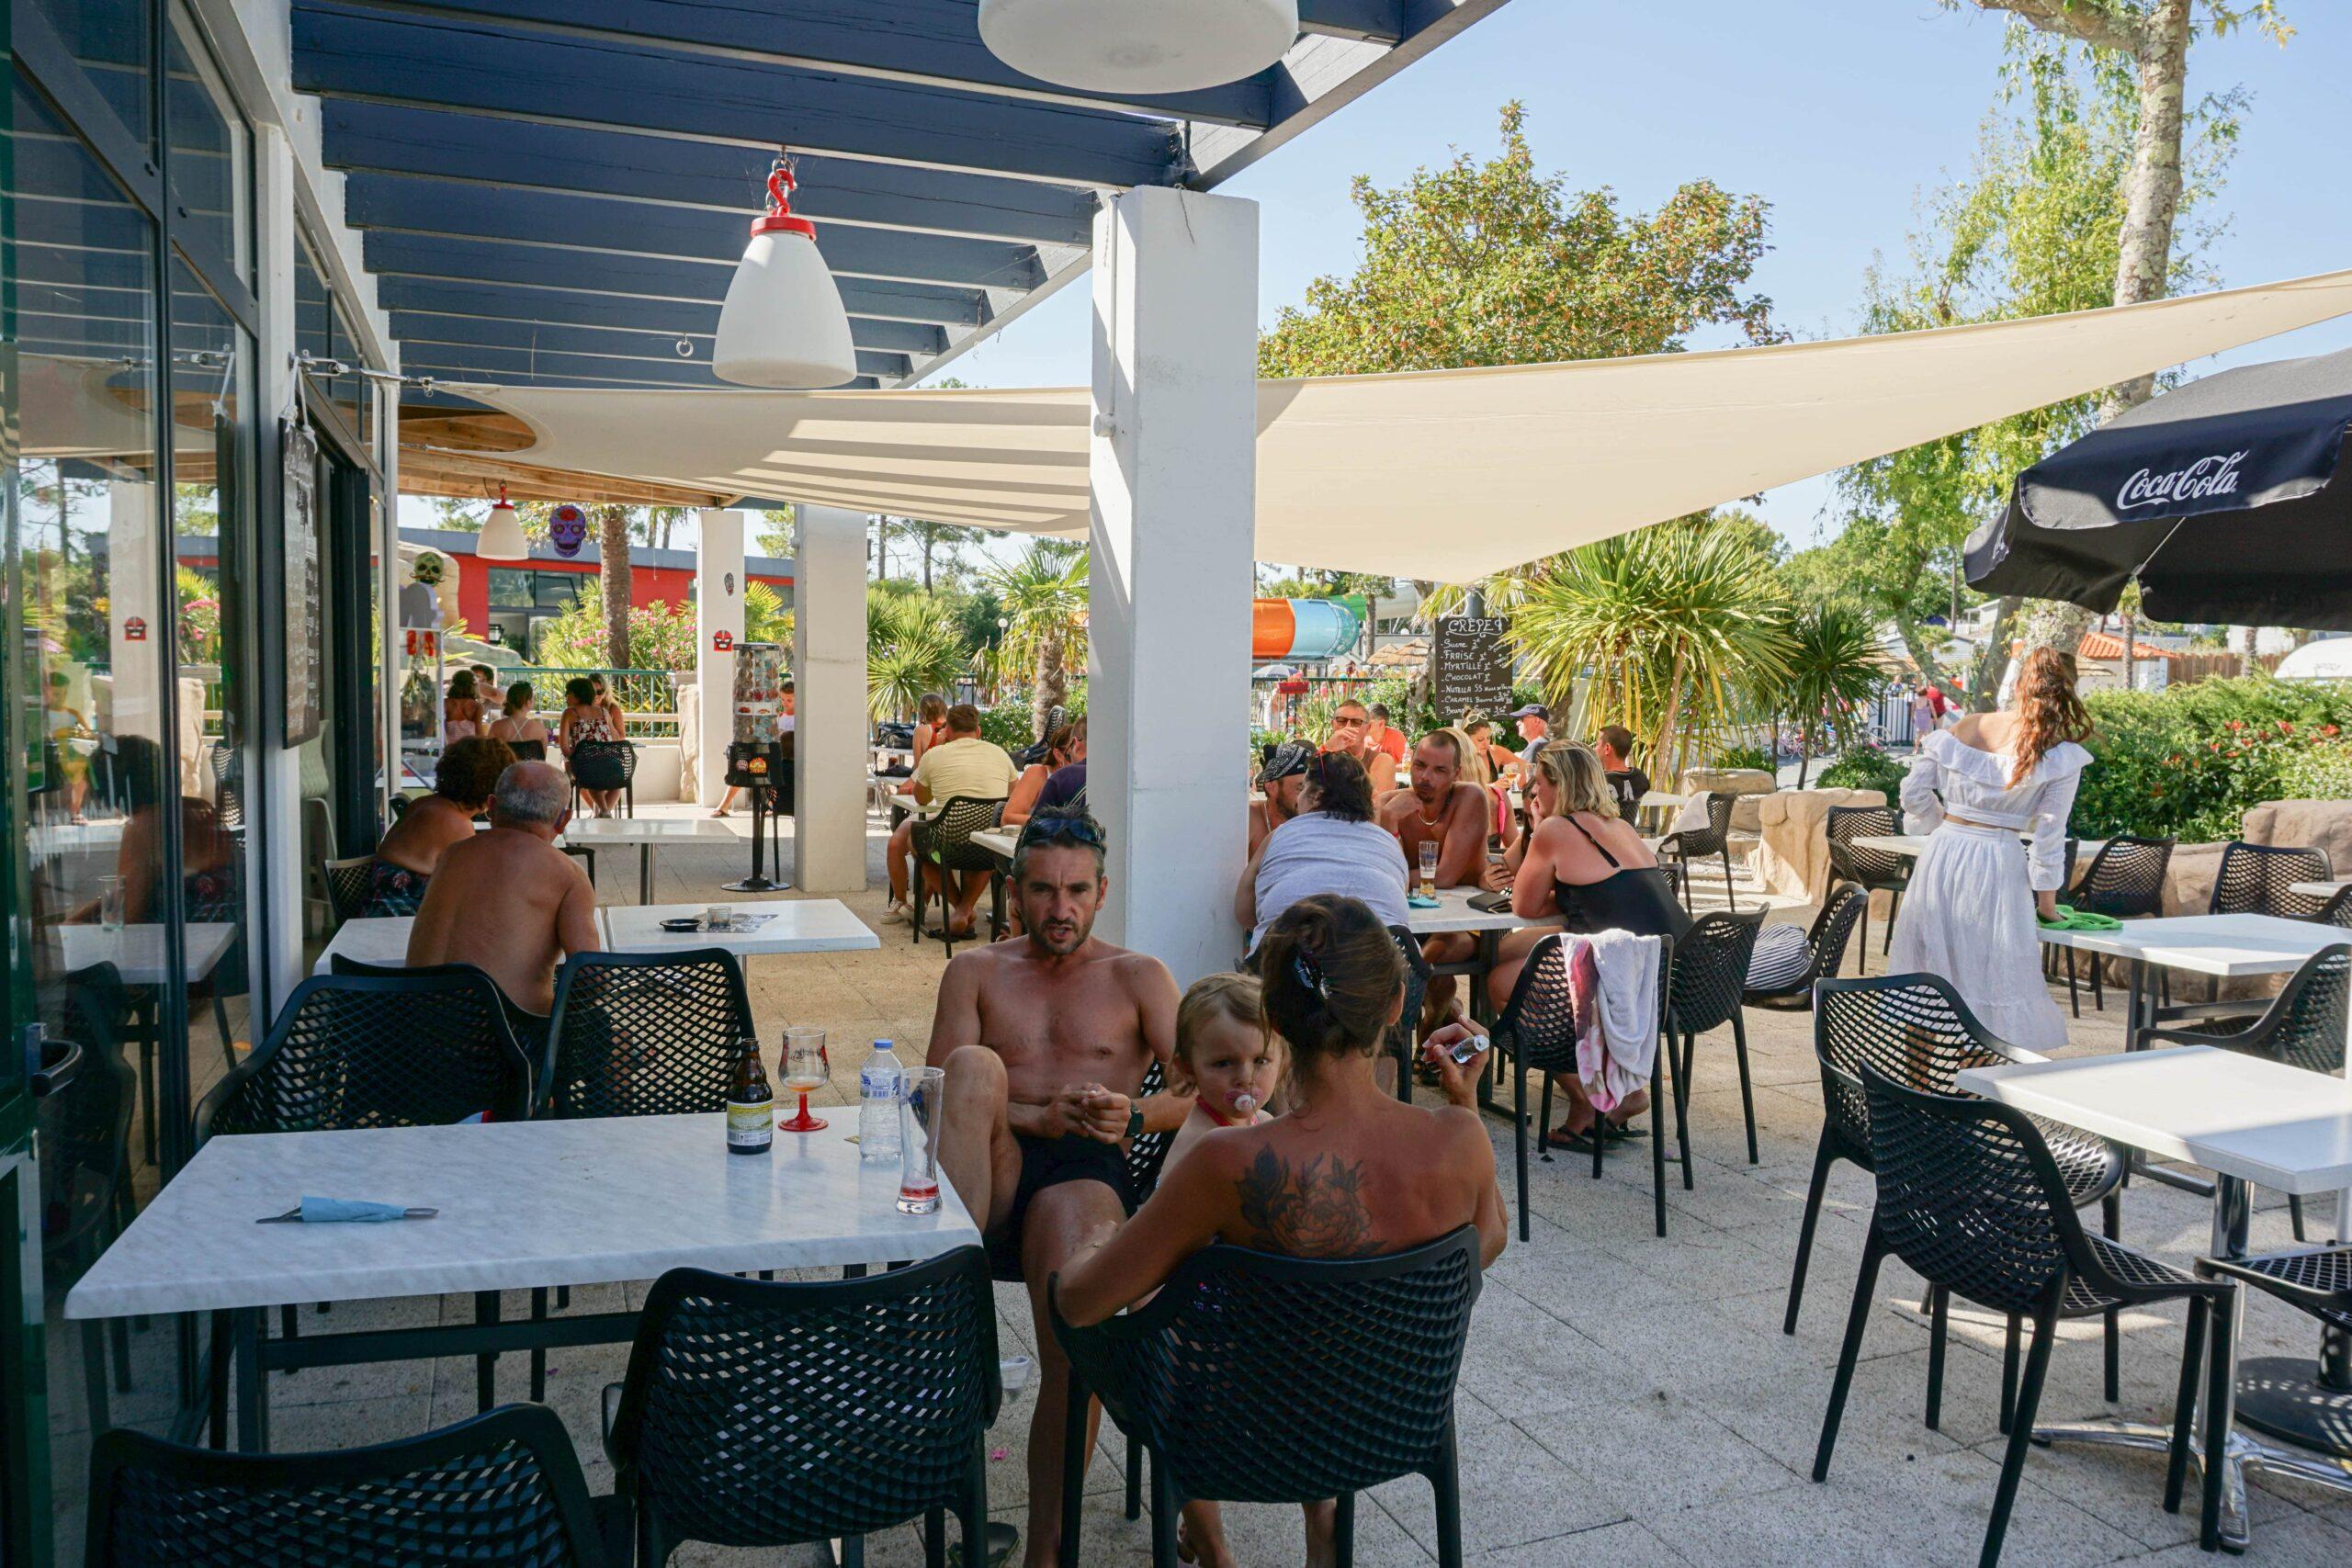 5-star campsite saint jean de monts restaurant terrace Le Tropicana